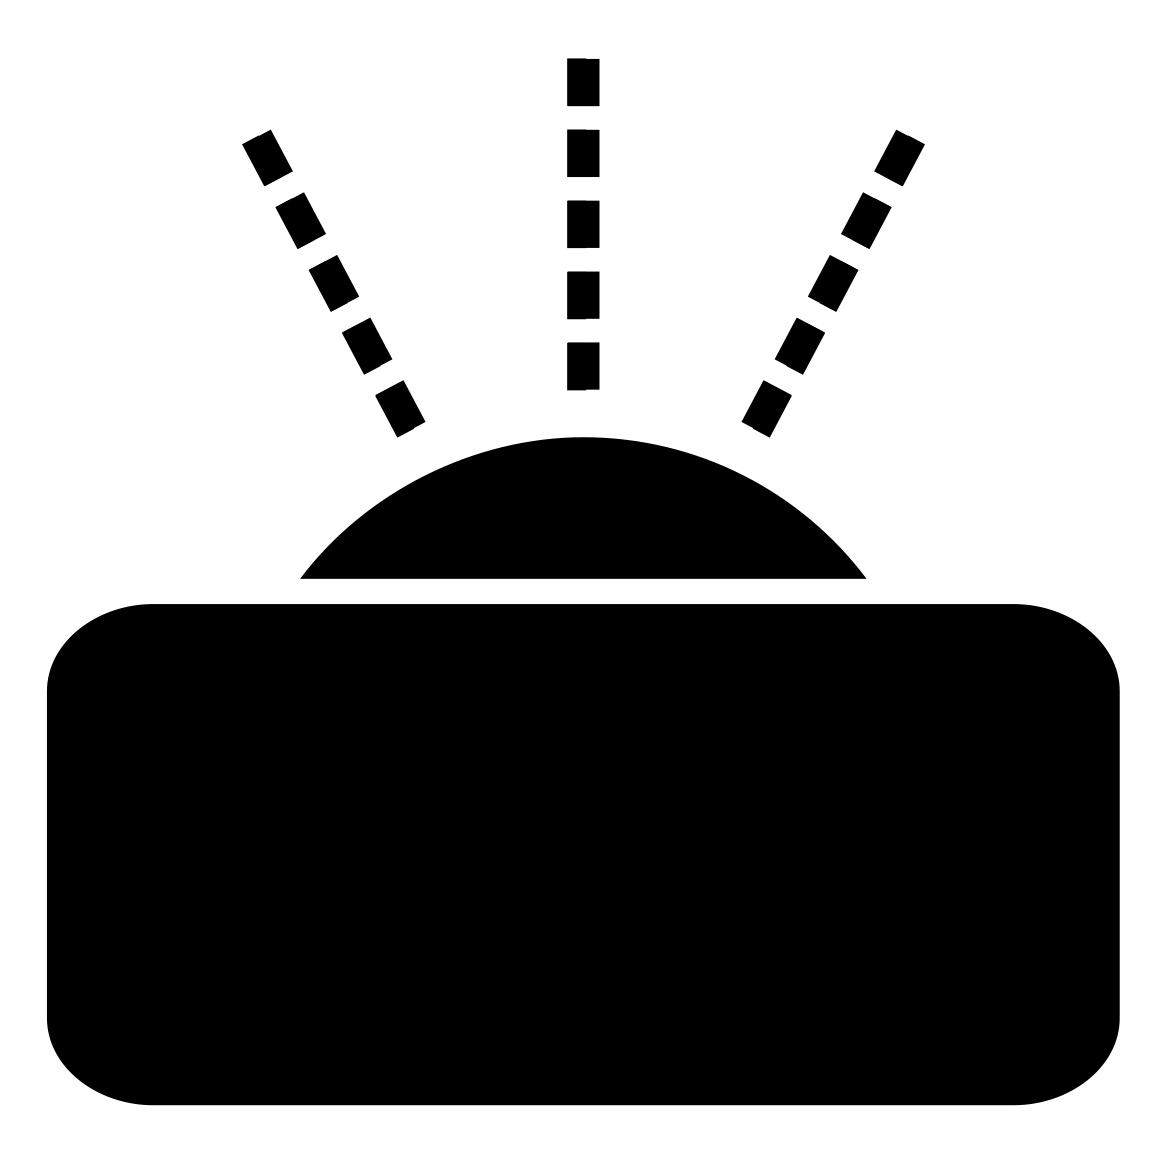 The punctual symbols